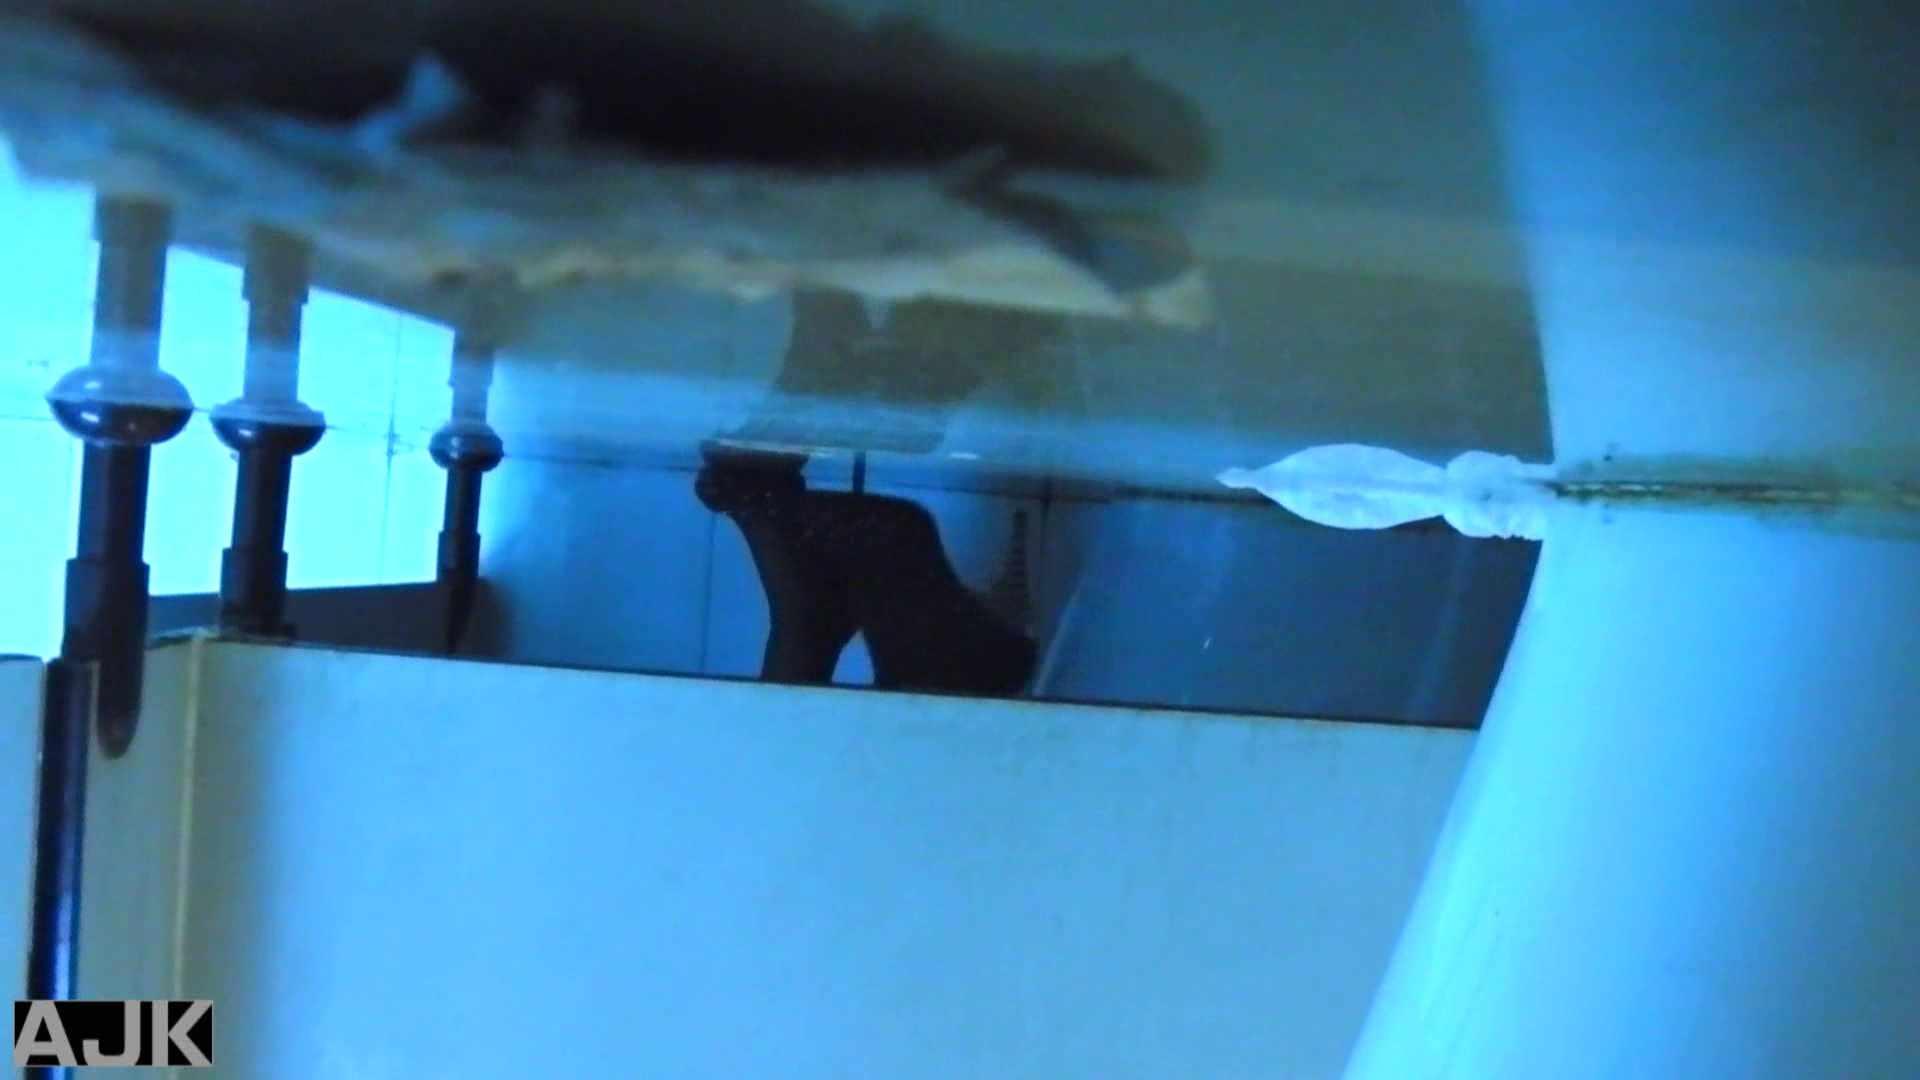 隣国上階級エリアの令嬢たちが集うデパートお手洗い Vol.13 便所  85PIX 77